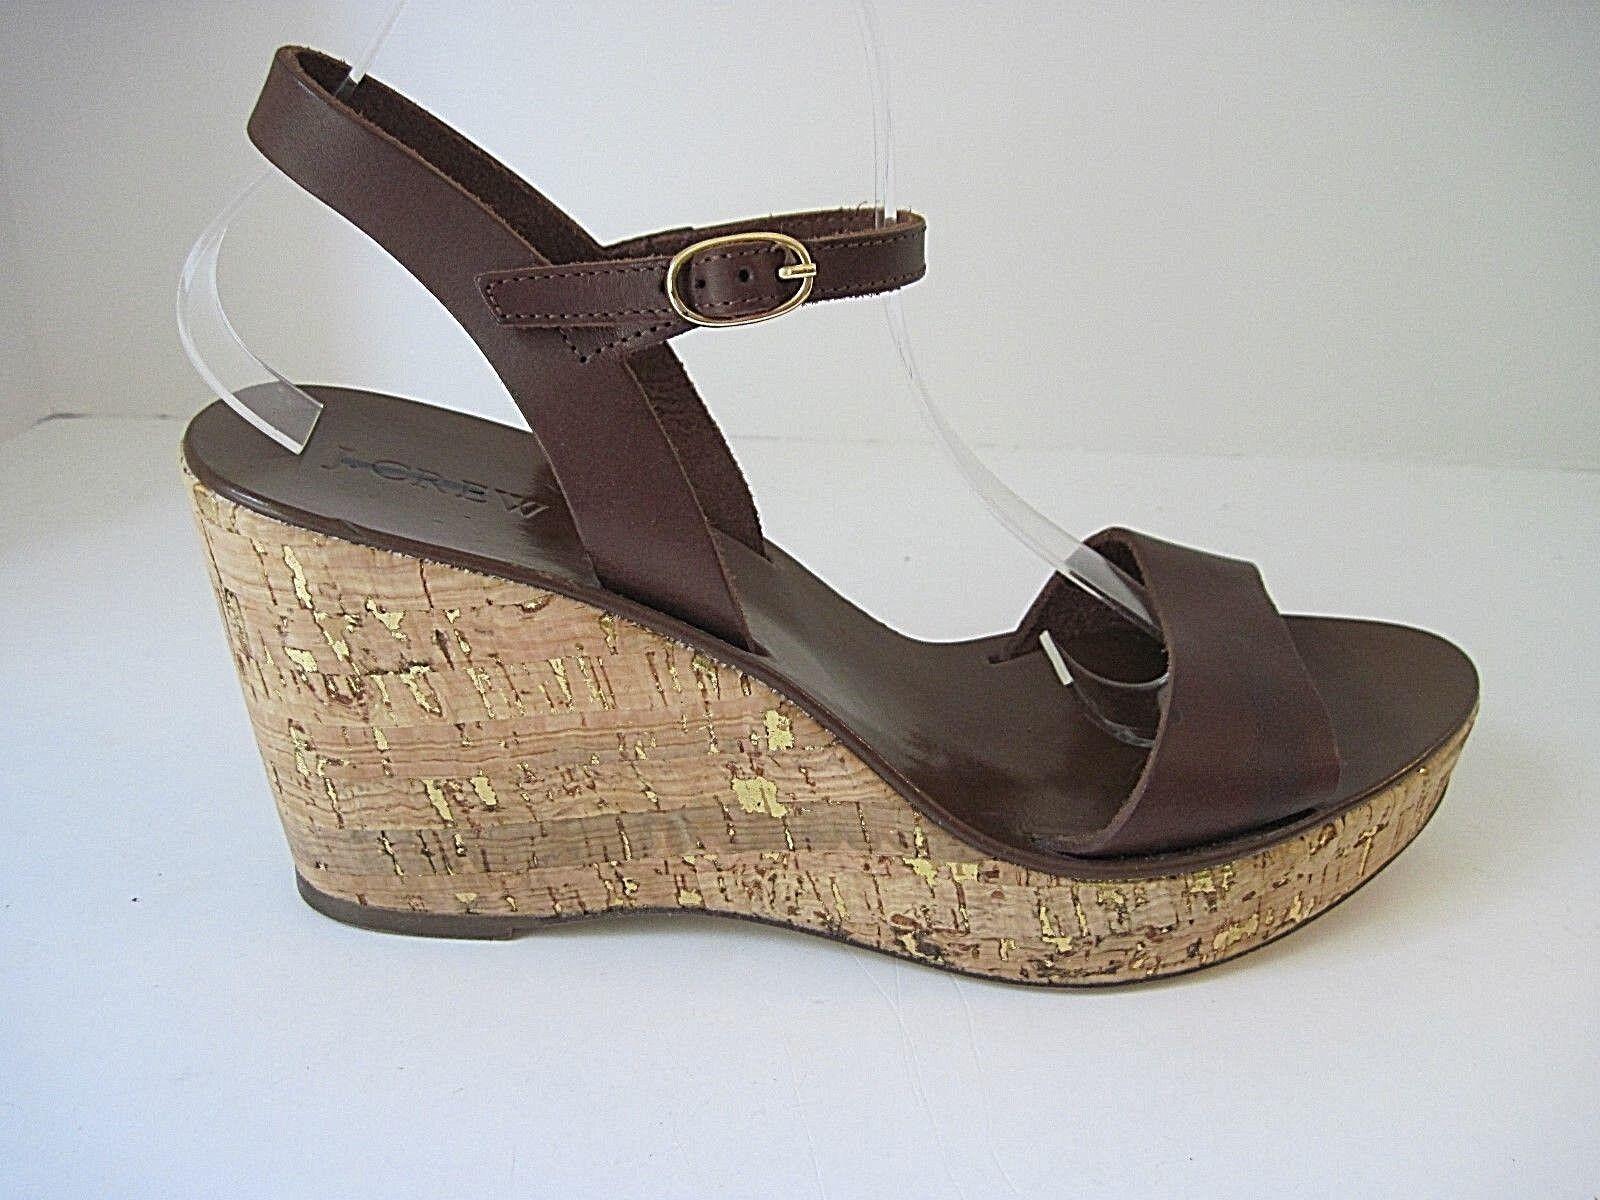 J. Crew Caden Marrón Cuero Cuña De Corcho oro oro oro Metálico Sandalias Zapatos Talla 11  sin mínimo